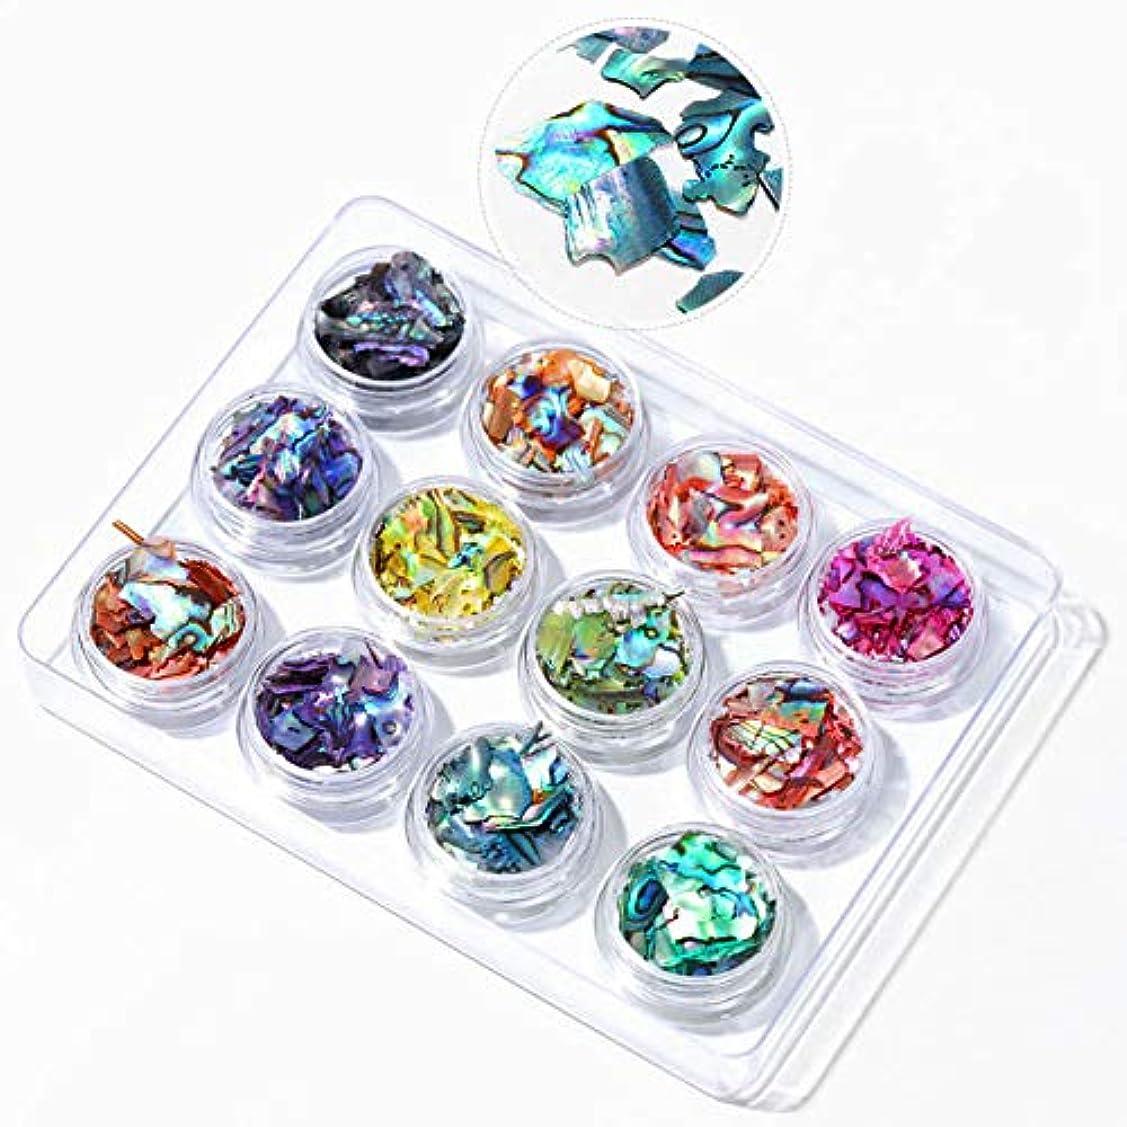 精神終わった対処Murakush 12個ネイル装飾品シェルピース色とりどりのアワビピースミラージュピース BKT01